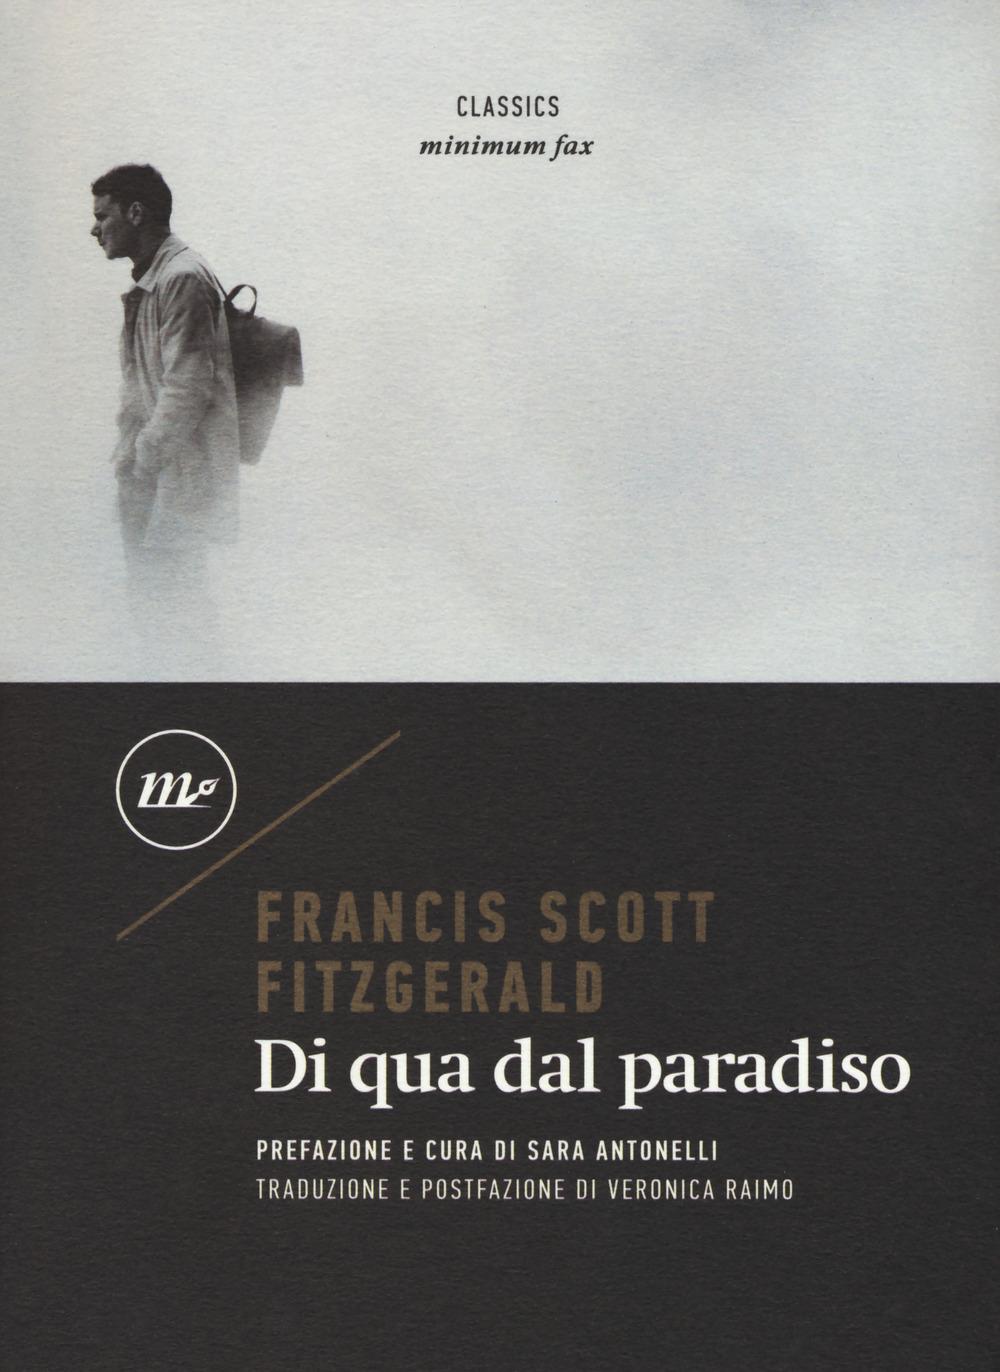 DI QUA DAL PARADISO 2A ED. - FRANCIS SCOTT FITZGERALD - 9788875219444